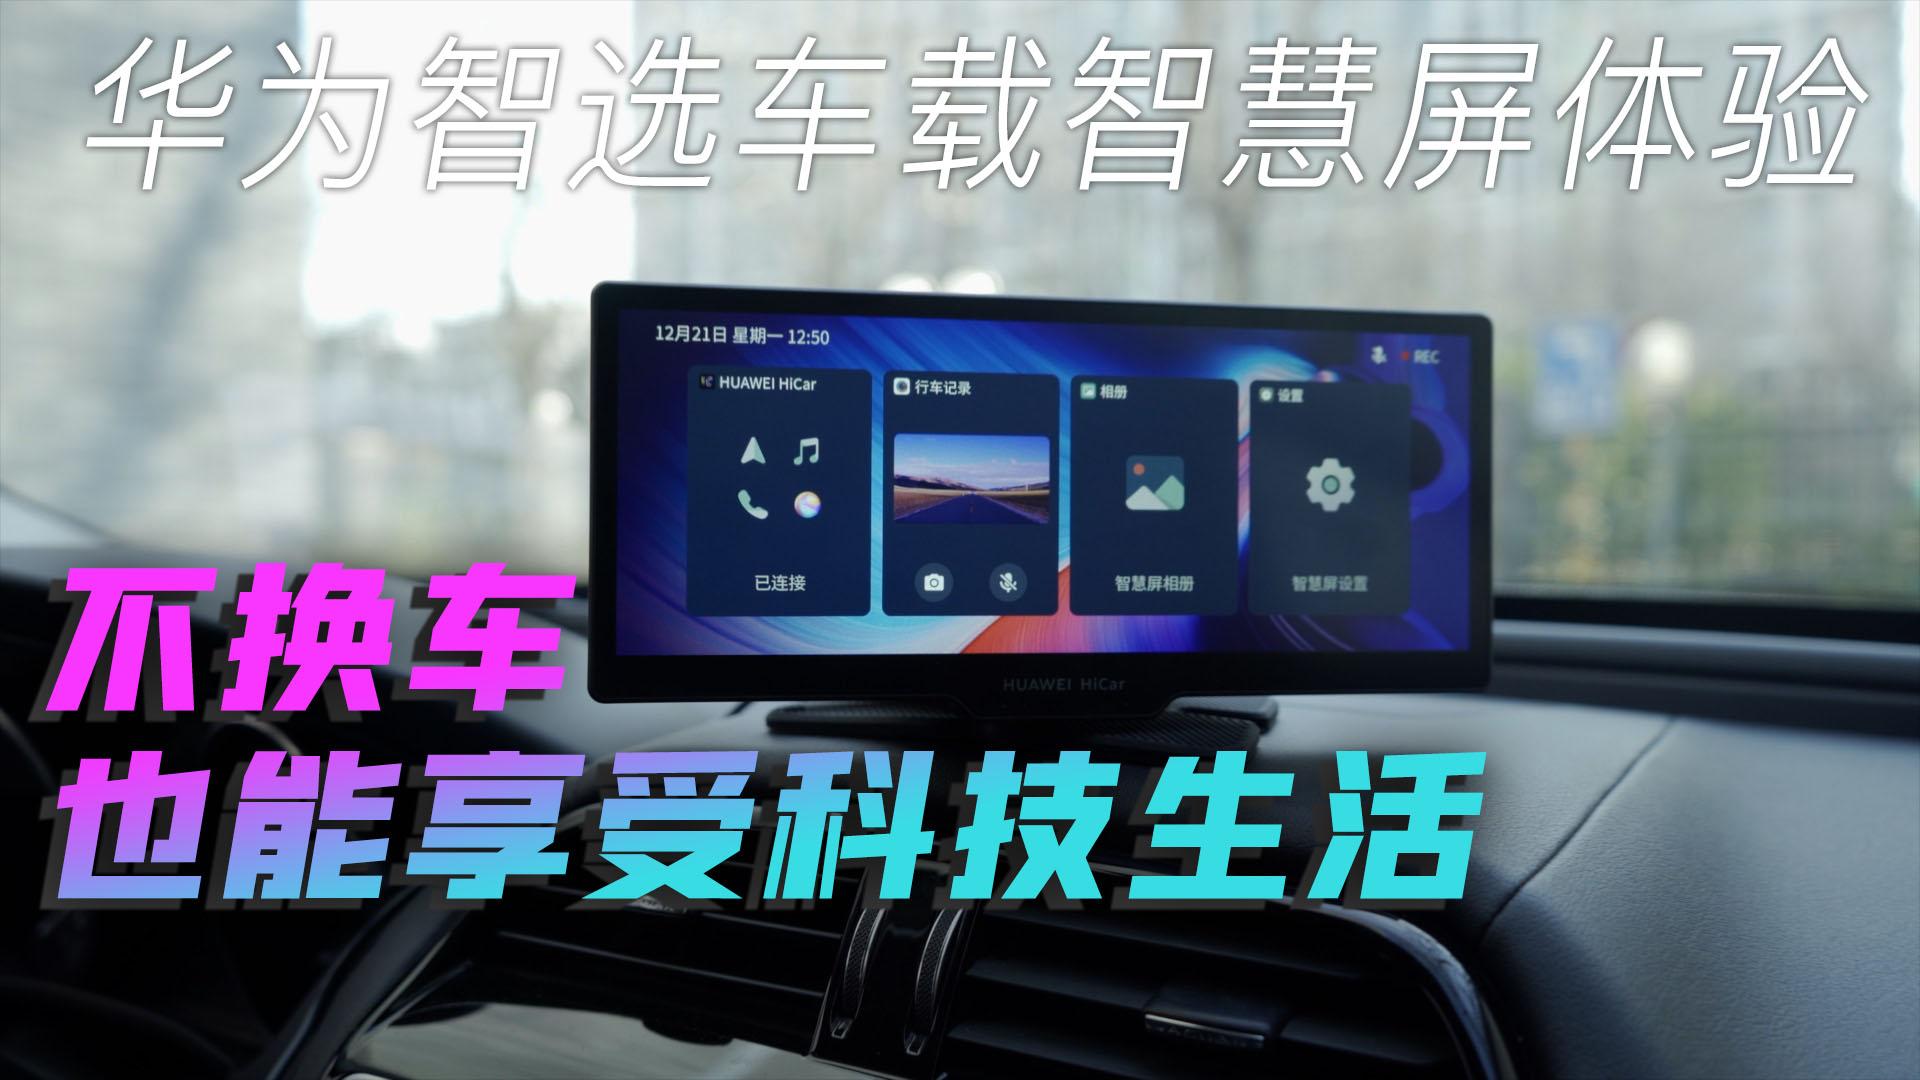 不用换车享受科技生活 华为智选车载智慧屏